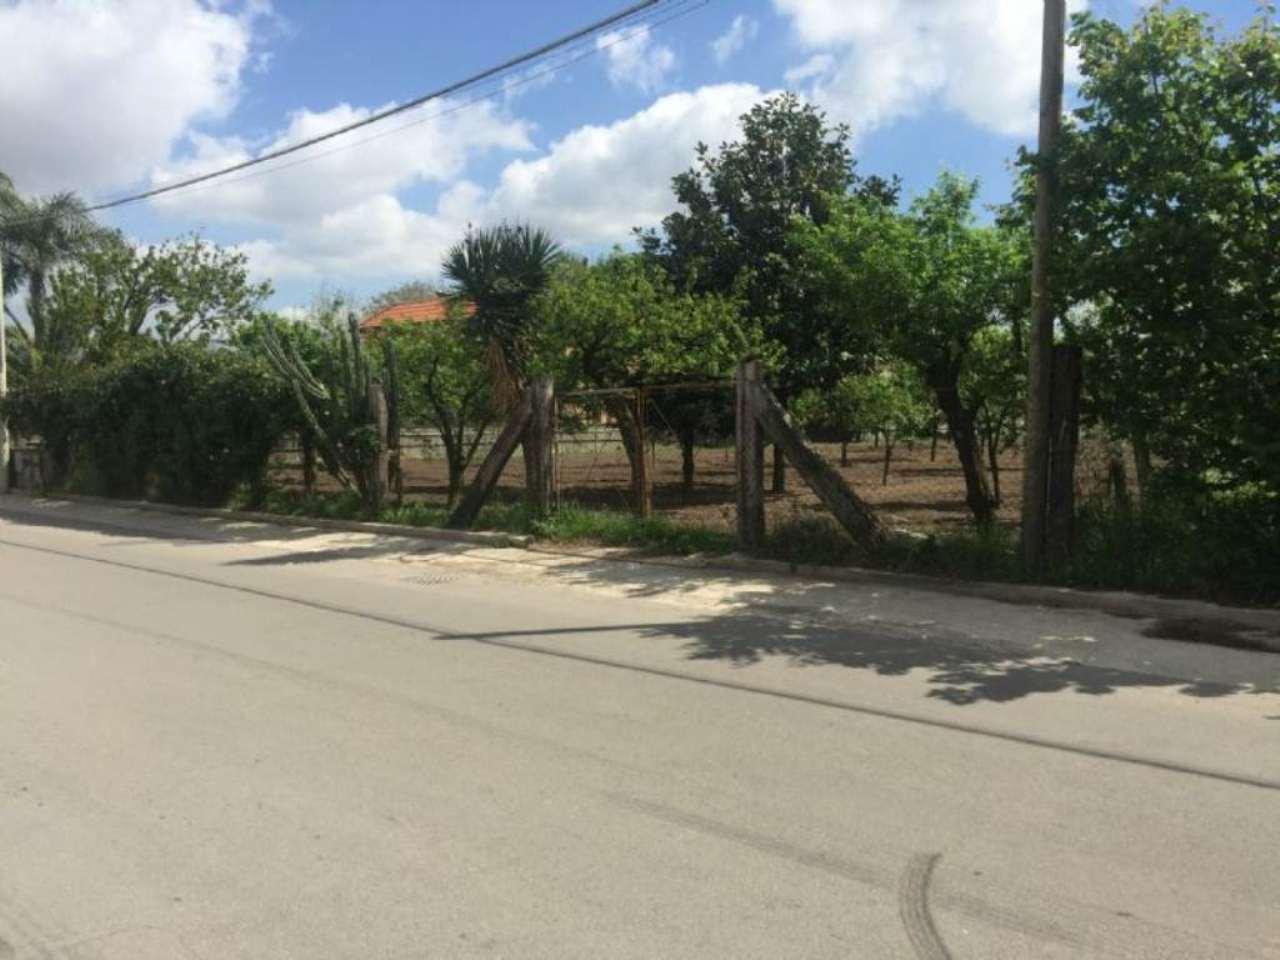 Terreno Agricolo in vendita a Somma Vesuviana, 9999 locali, prezzo € 95.000 | Cambio Casa.it